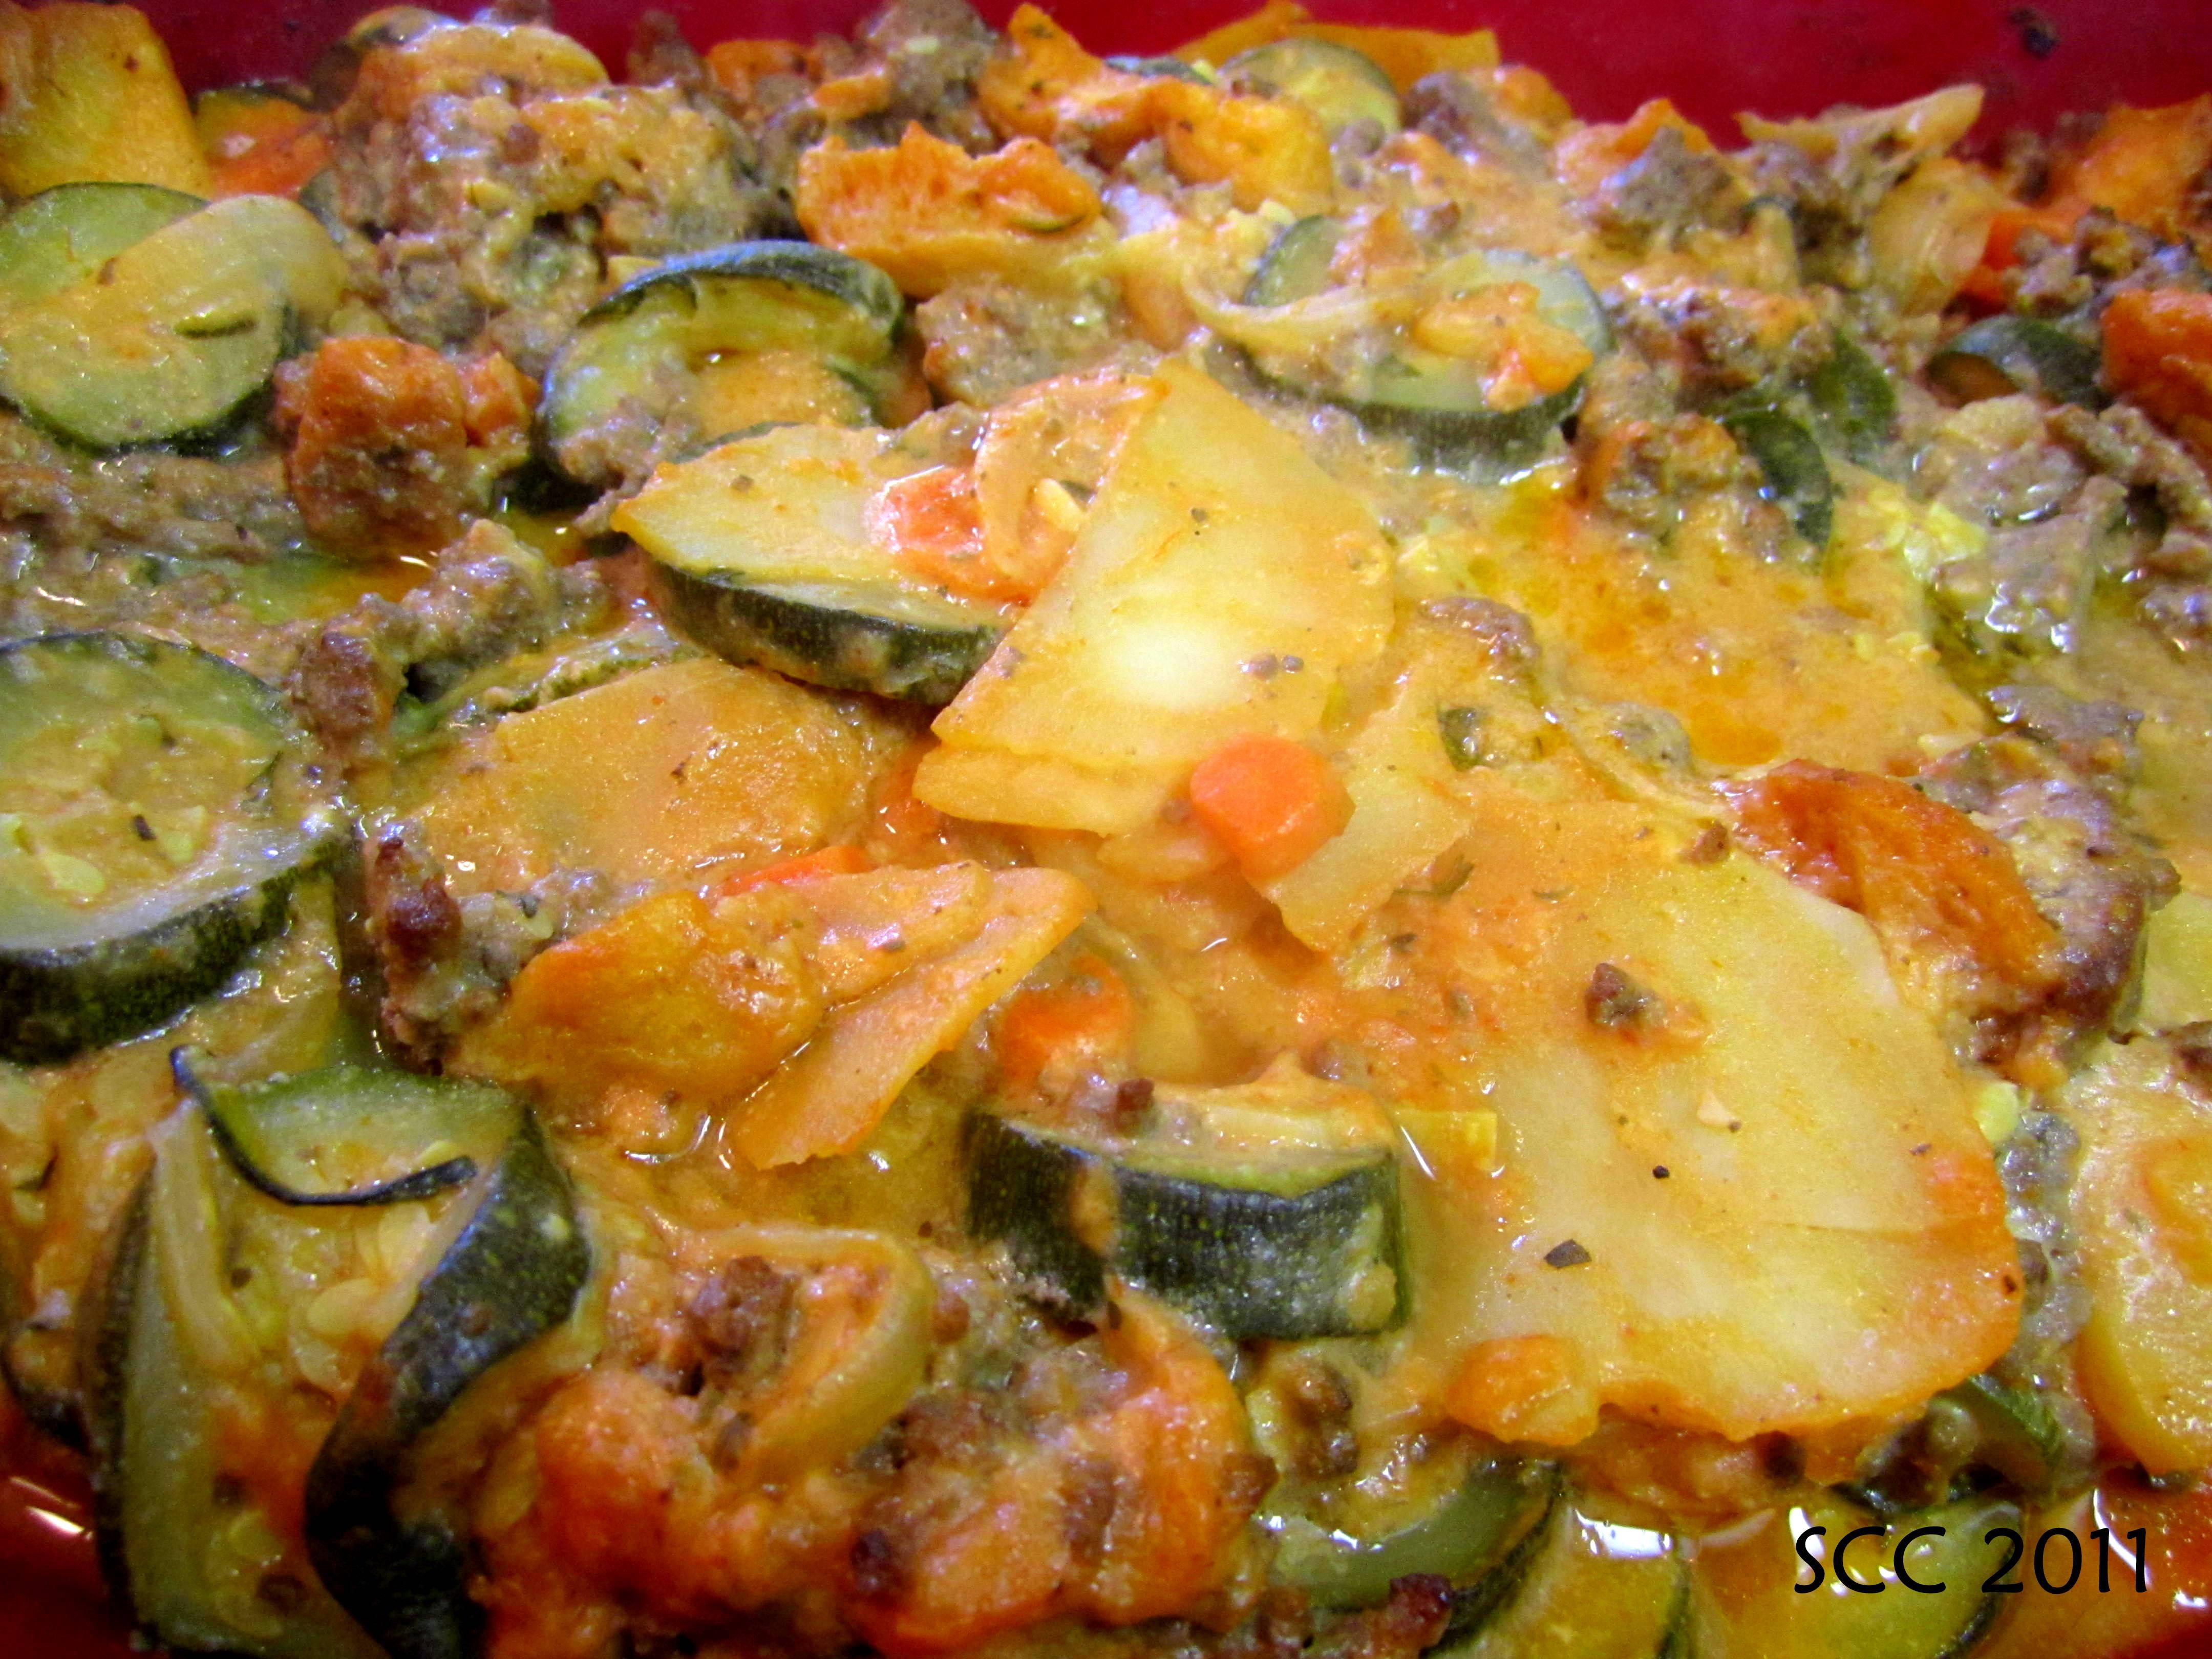 ... casserole best tuna casserole quesadilla casserole potato casserole